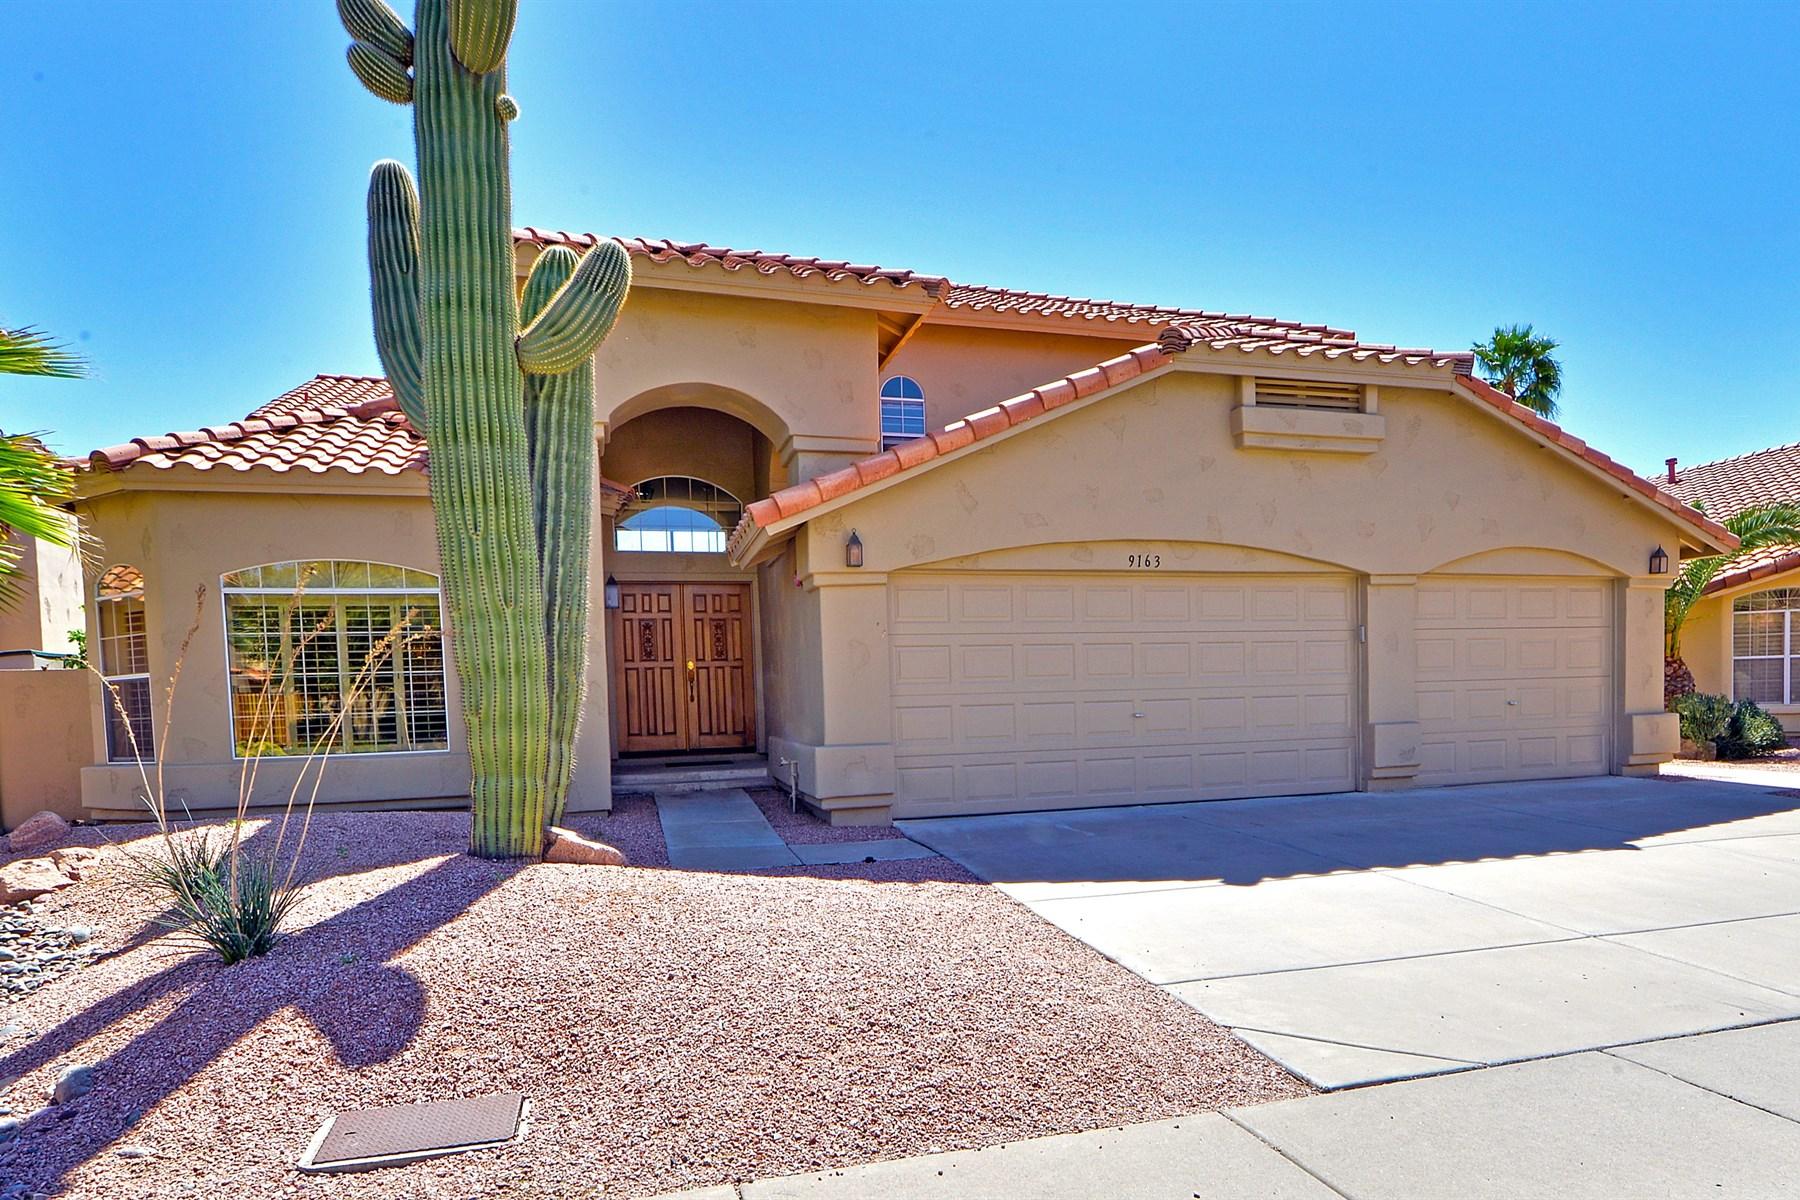 Nhà ở một gia đình vì Bán tại Immaculate Home in a Great Scottsdale Location 9163 E Pershing Ave Scottsdale, Arizona 85260 Hoa Kỳ